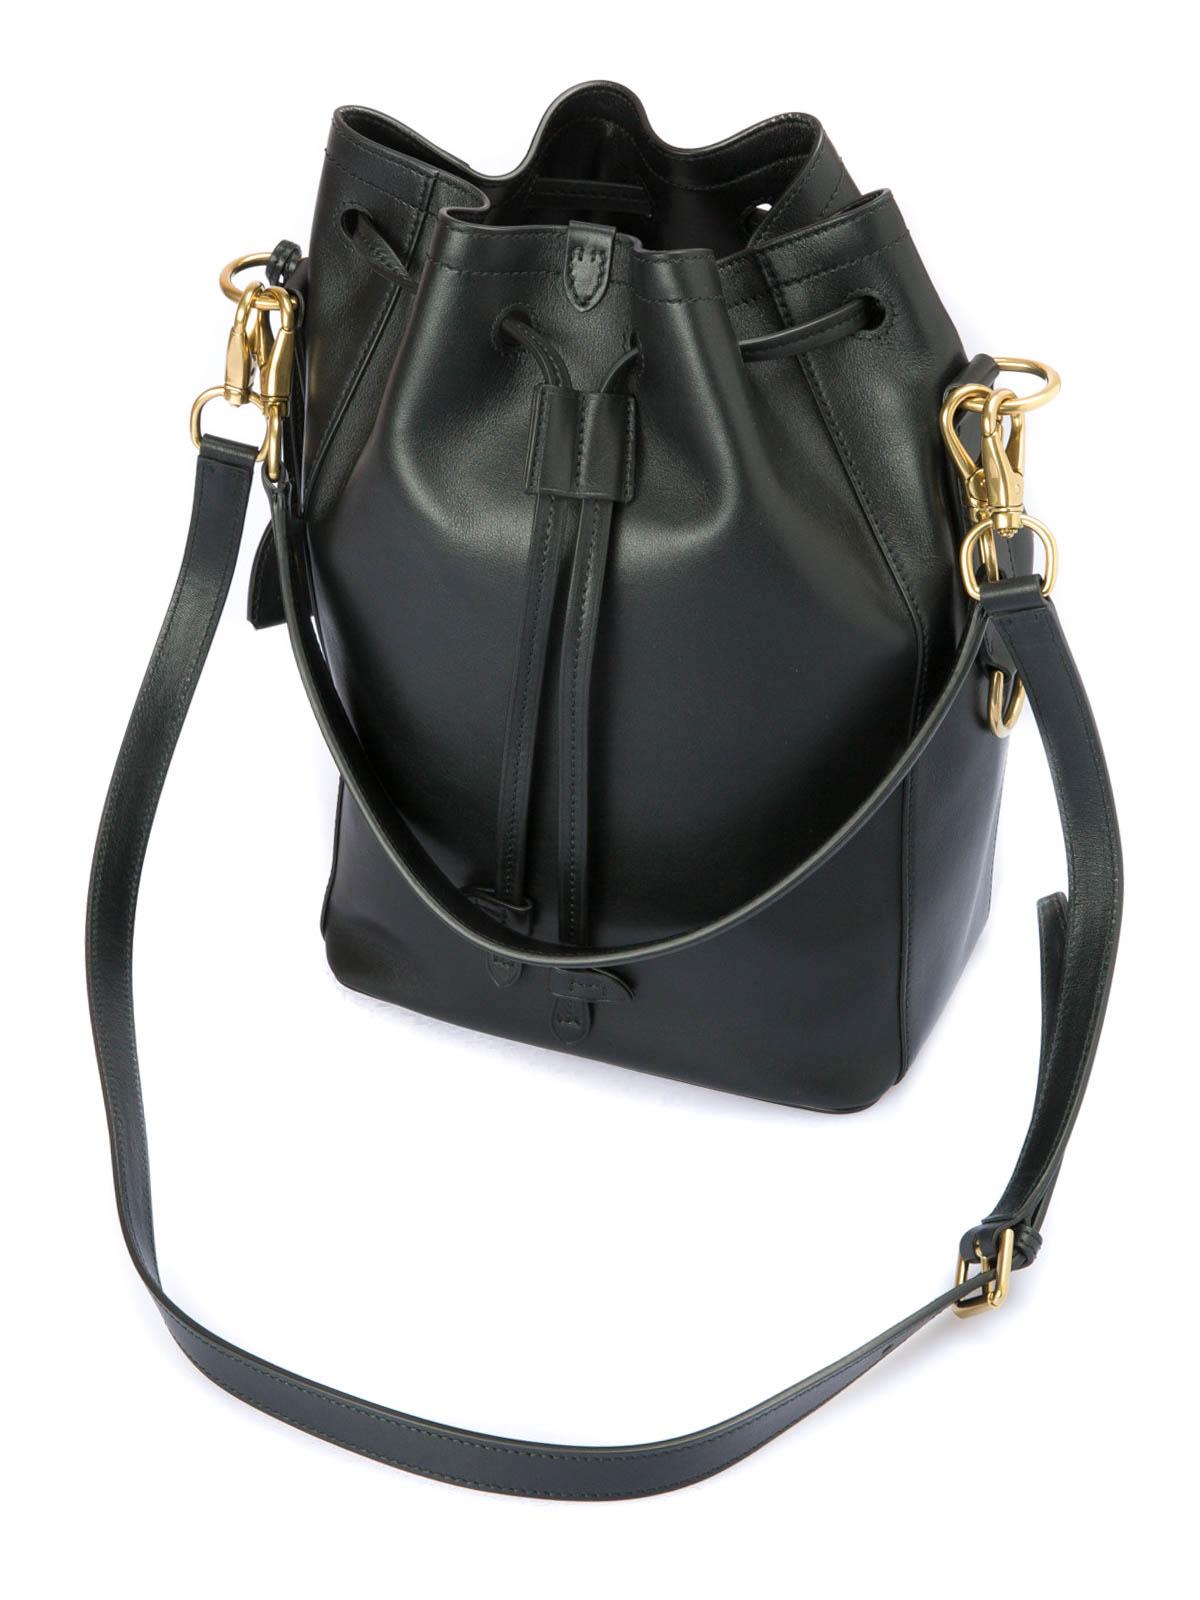 0881046f54d9 sweden ikrix ralph lauren bucket bags leather bucket bag aec1e 84516